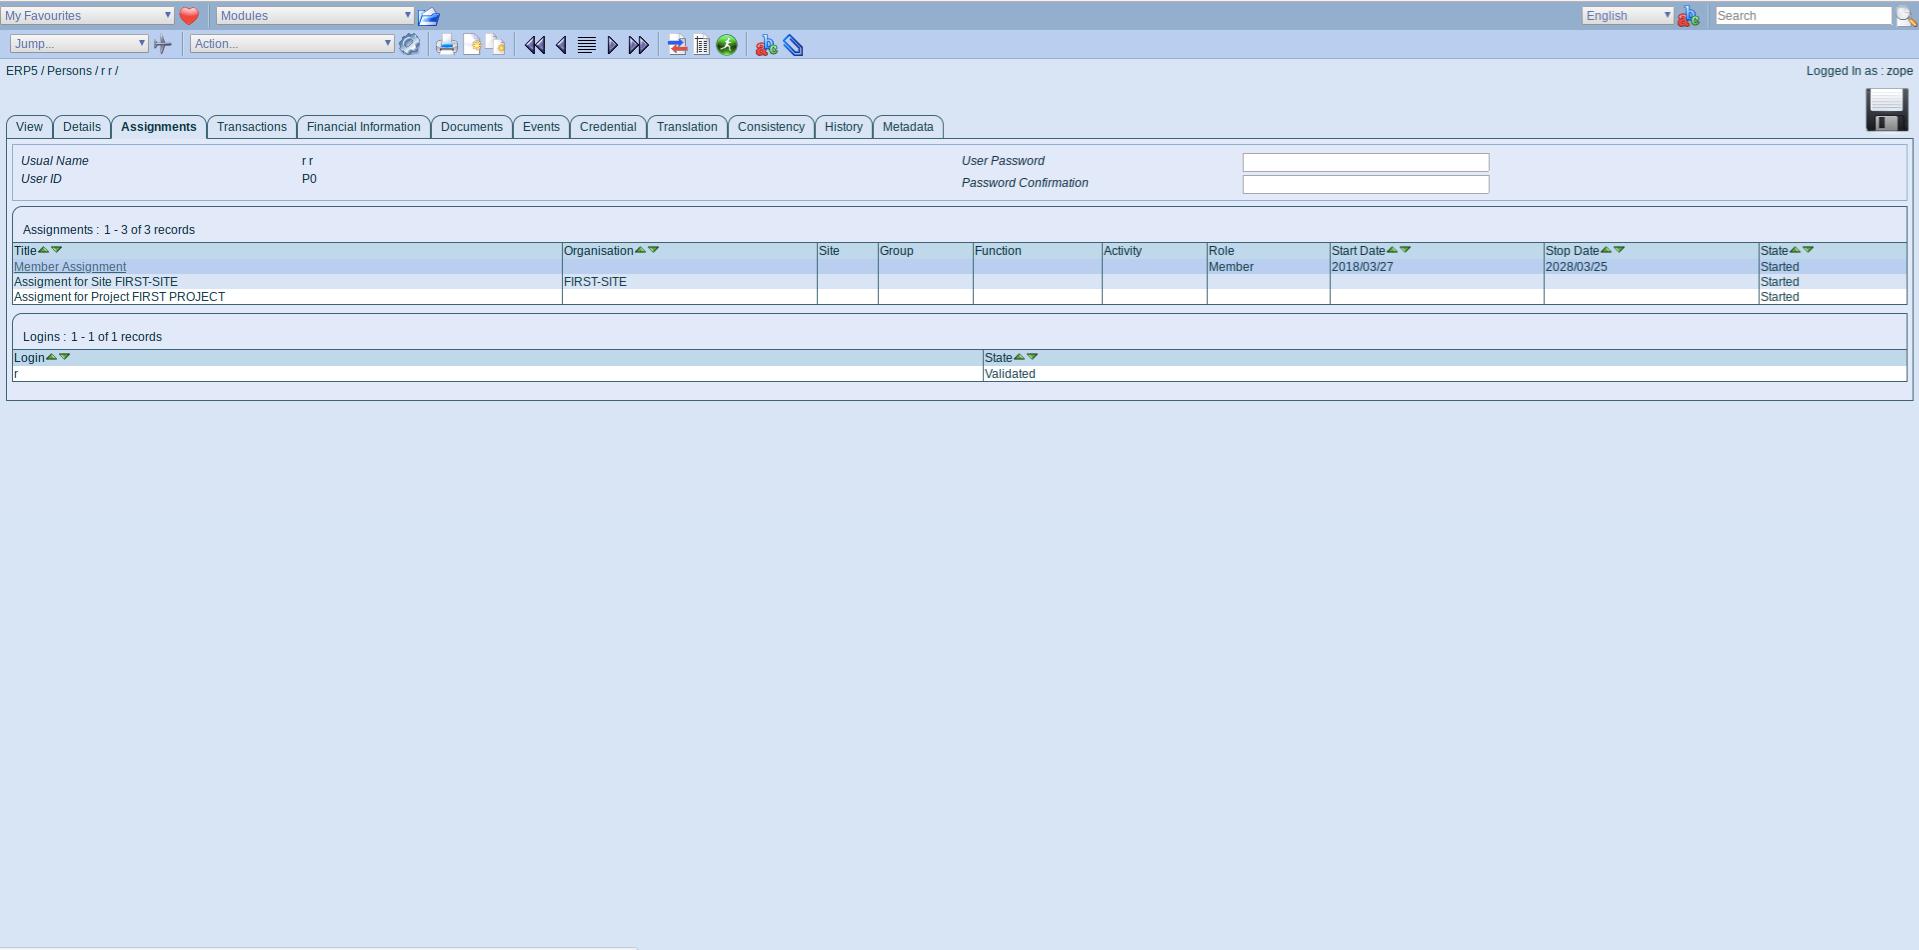 ERP5 Interface - Member Assignment